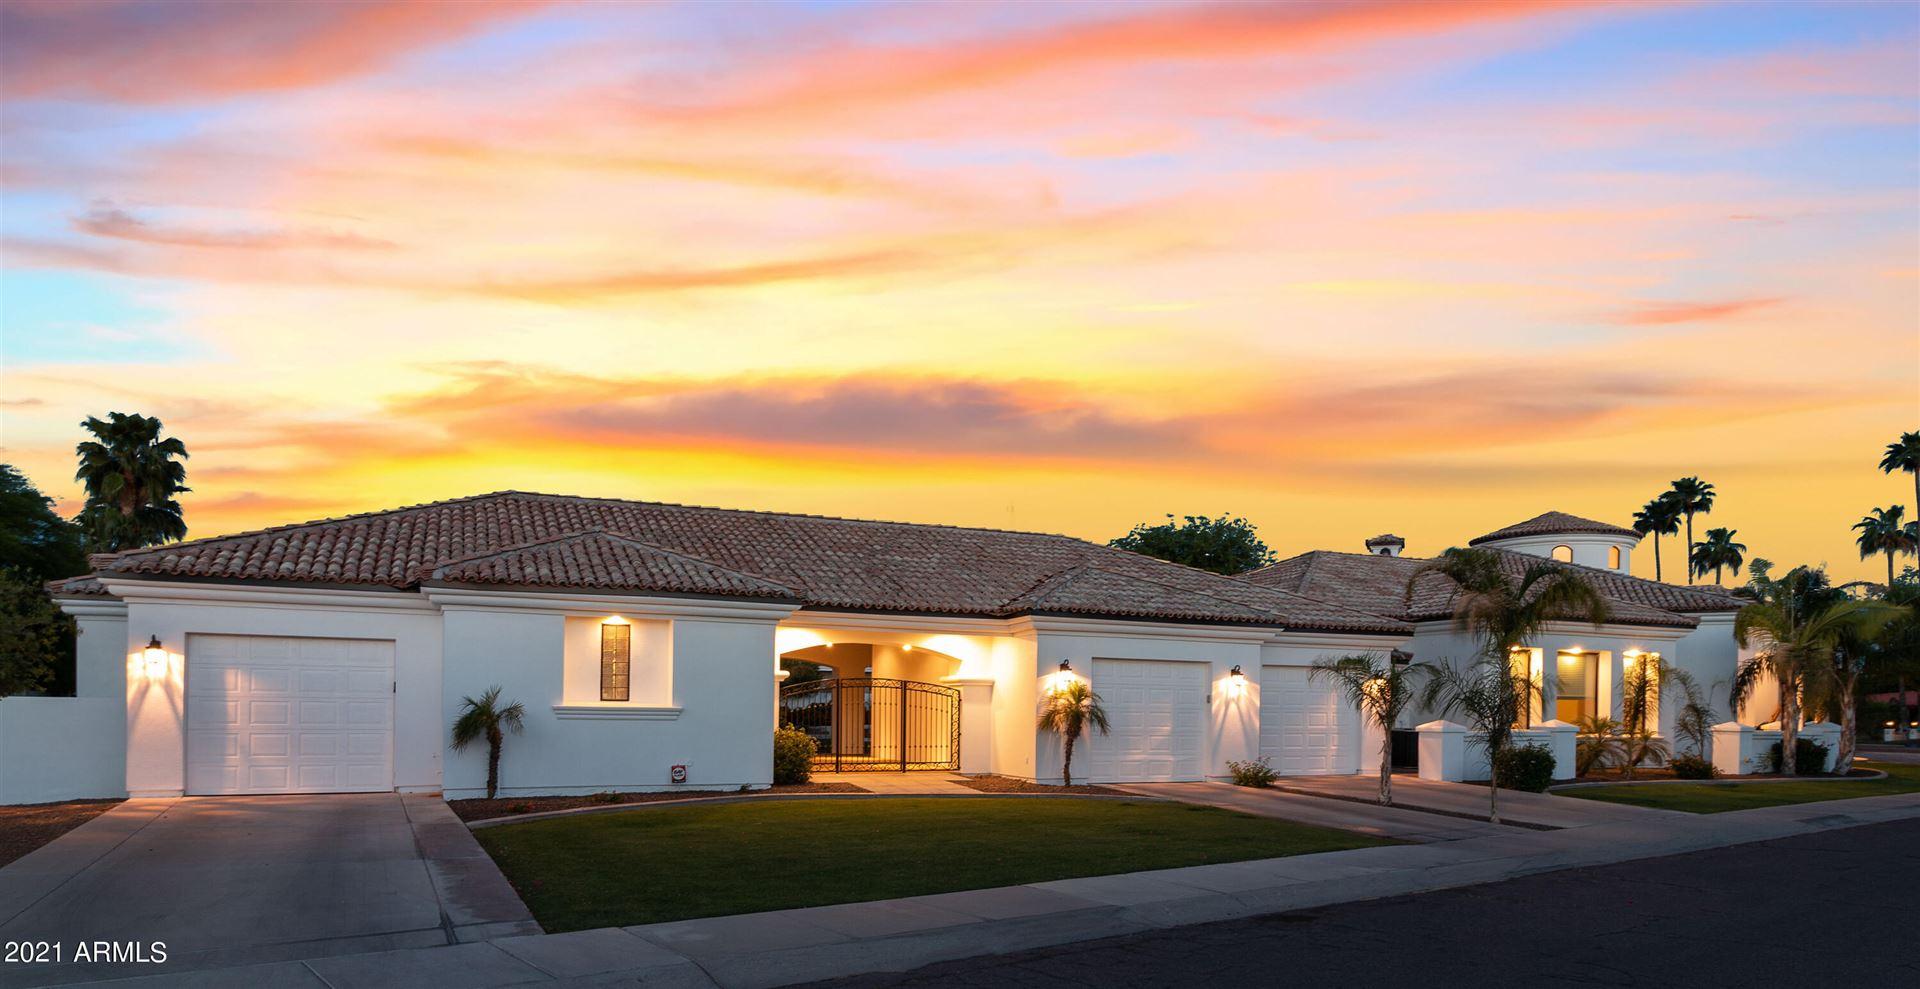 Photo of 920 E CARVER Road, Tempe, AZ 85284 (MLS # 6231595)